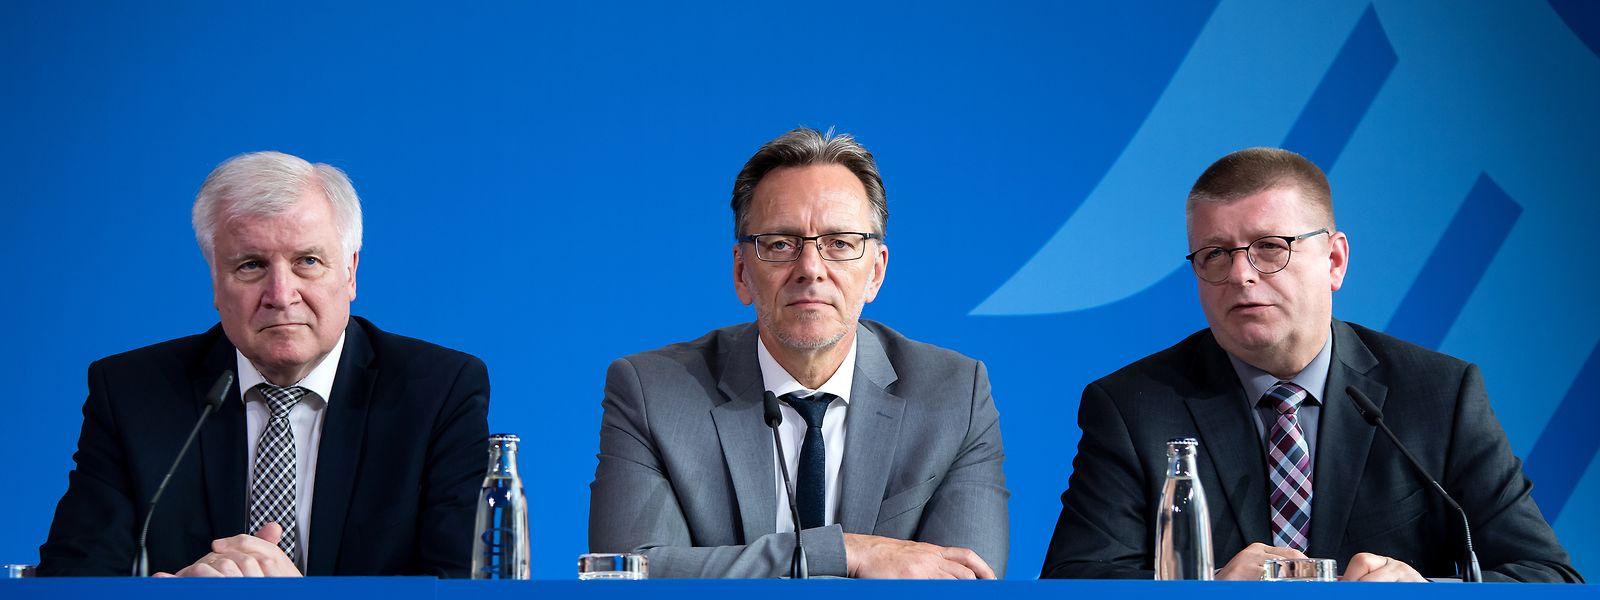 Horst Seehofer (l-r, CSU), Bundesminister für Inneres, Heimat und Bau, Holger Münch, Präsident des Bundeskriminalamts (BKA), und Thomas Haldenwang, Präsident des Bundesamts für Verfassungsschutz (BfV), äußern sich bei einer Pressekonferenz im Bundesinnenministerium zum Mordfall Walter Lübcke.